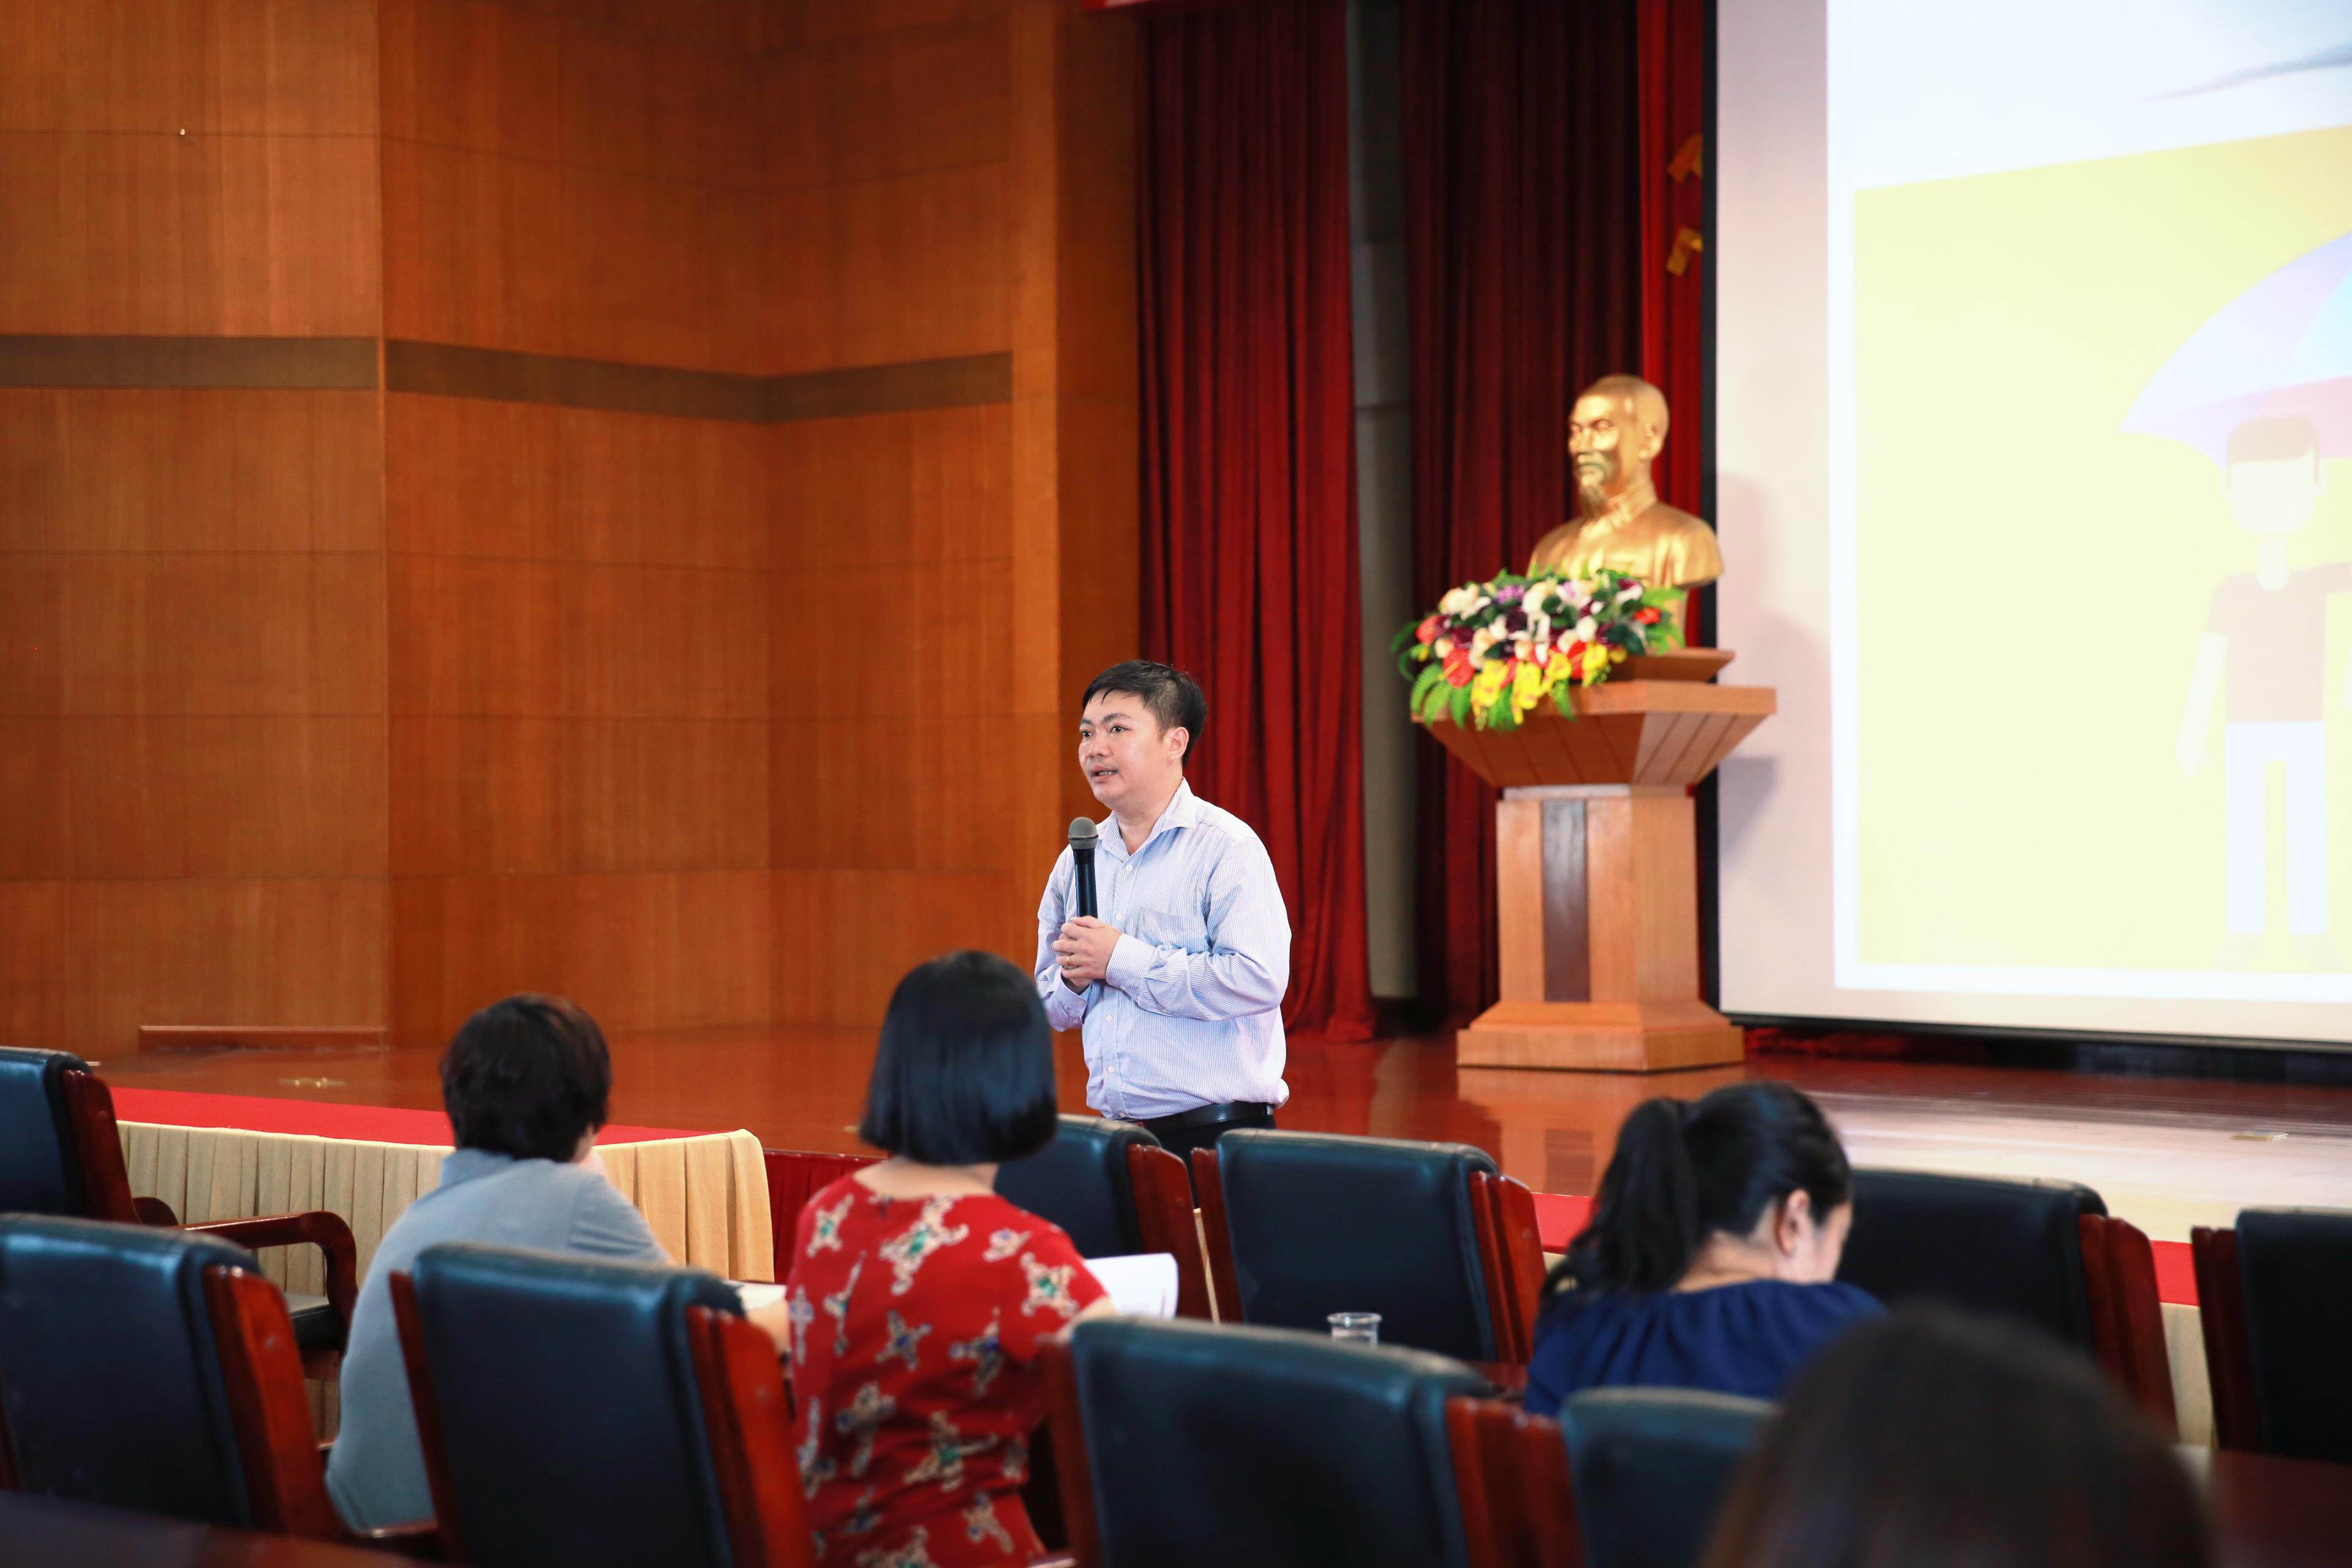 VATM: Tập huấn hướng dẫn chế độ, chính sách mới liên quan đến người lao động